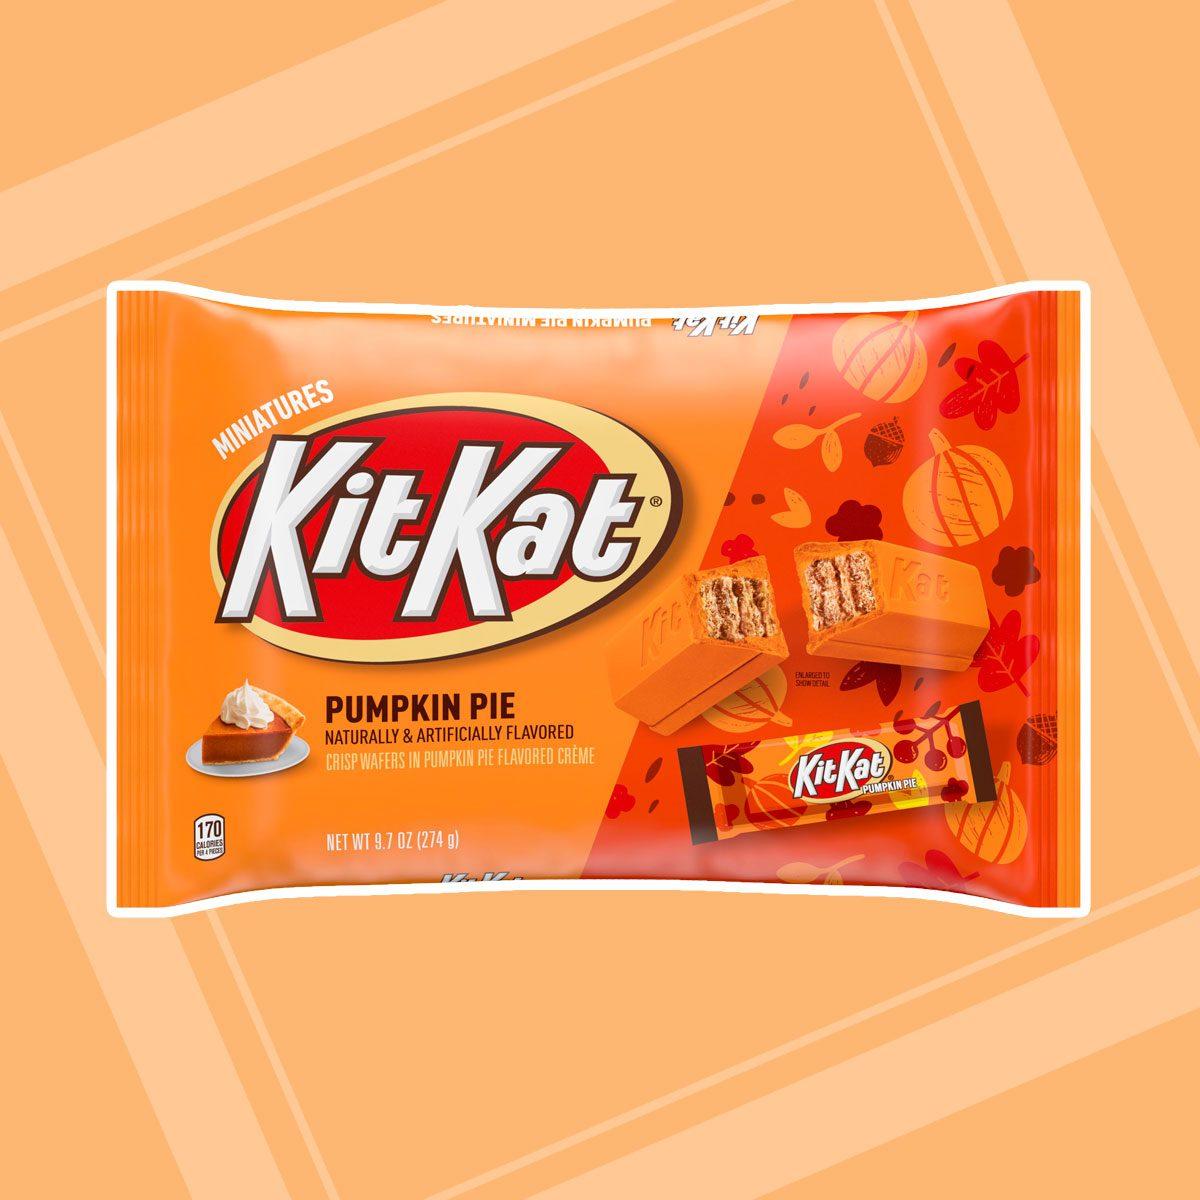 pumpkin pie kit kat bars